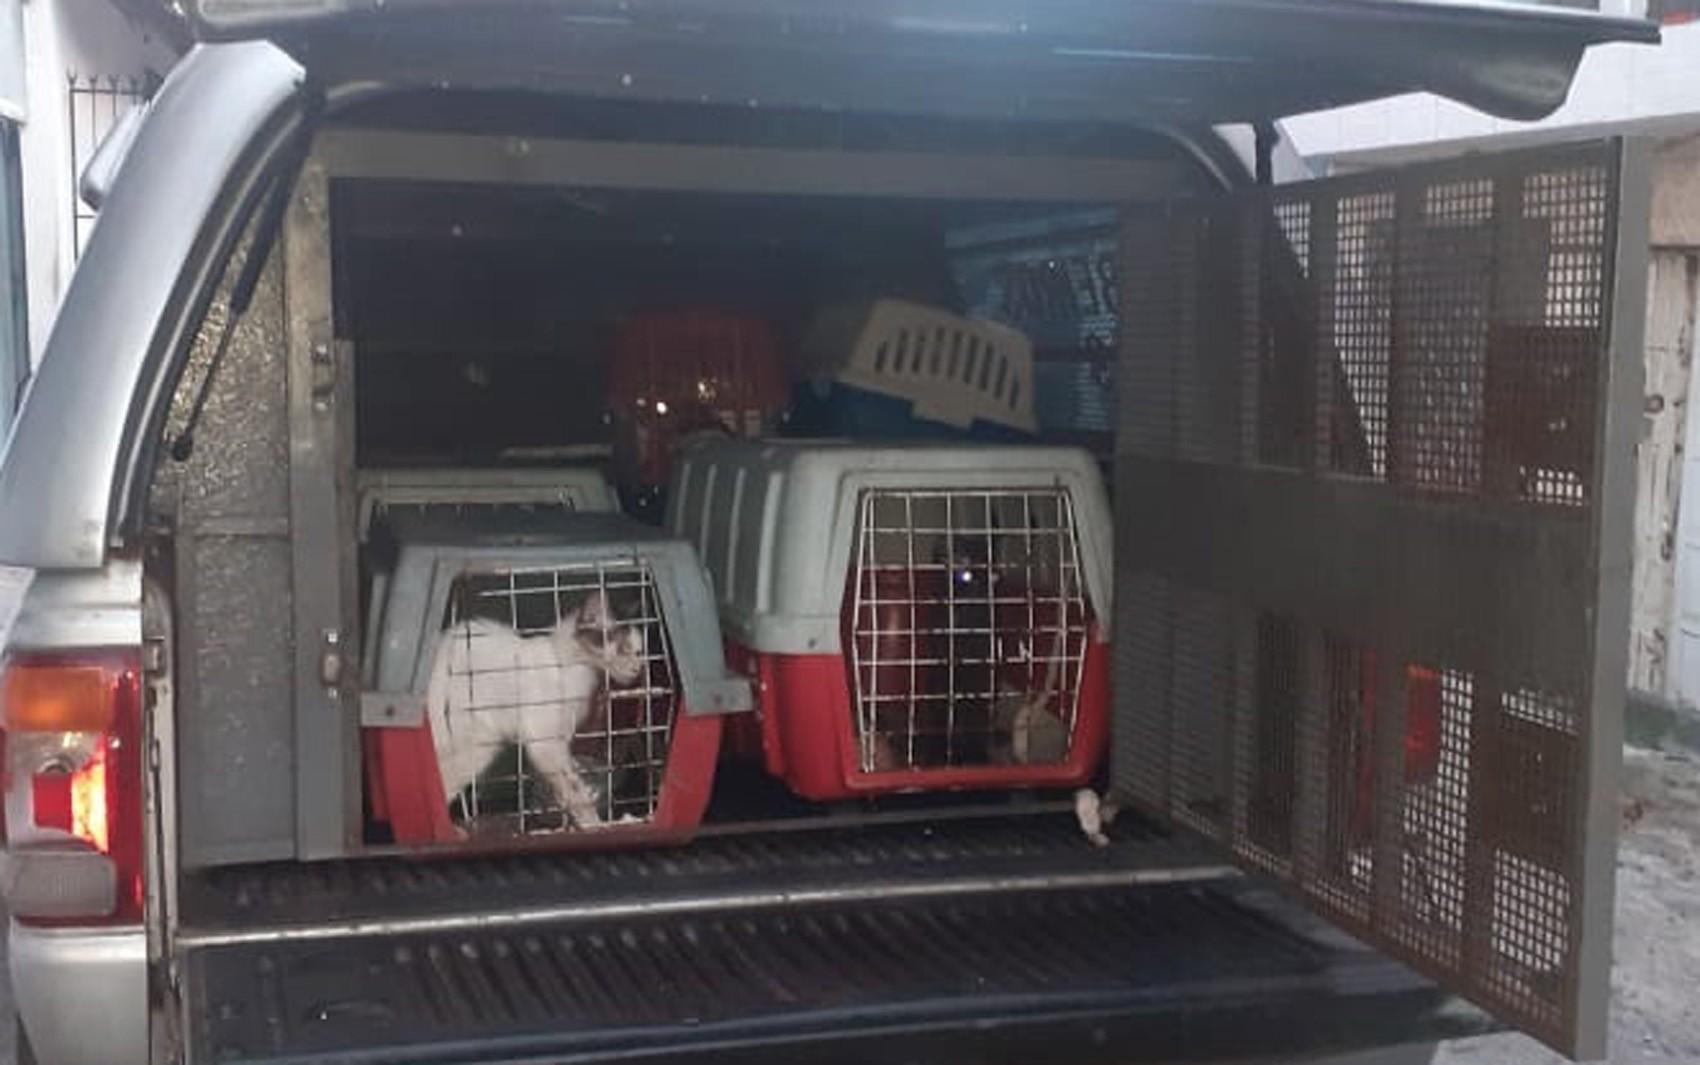 Mulher presa por supostos maus-tratos a animais em Salvador é solta: 'Ela vai provar inocência', diz advogado